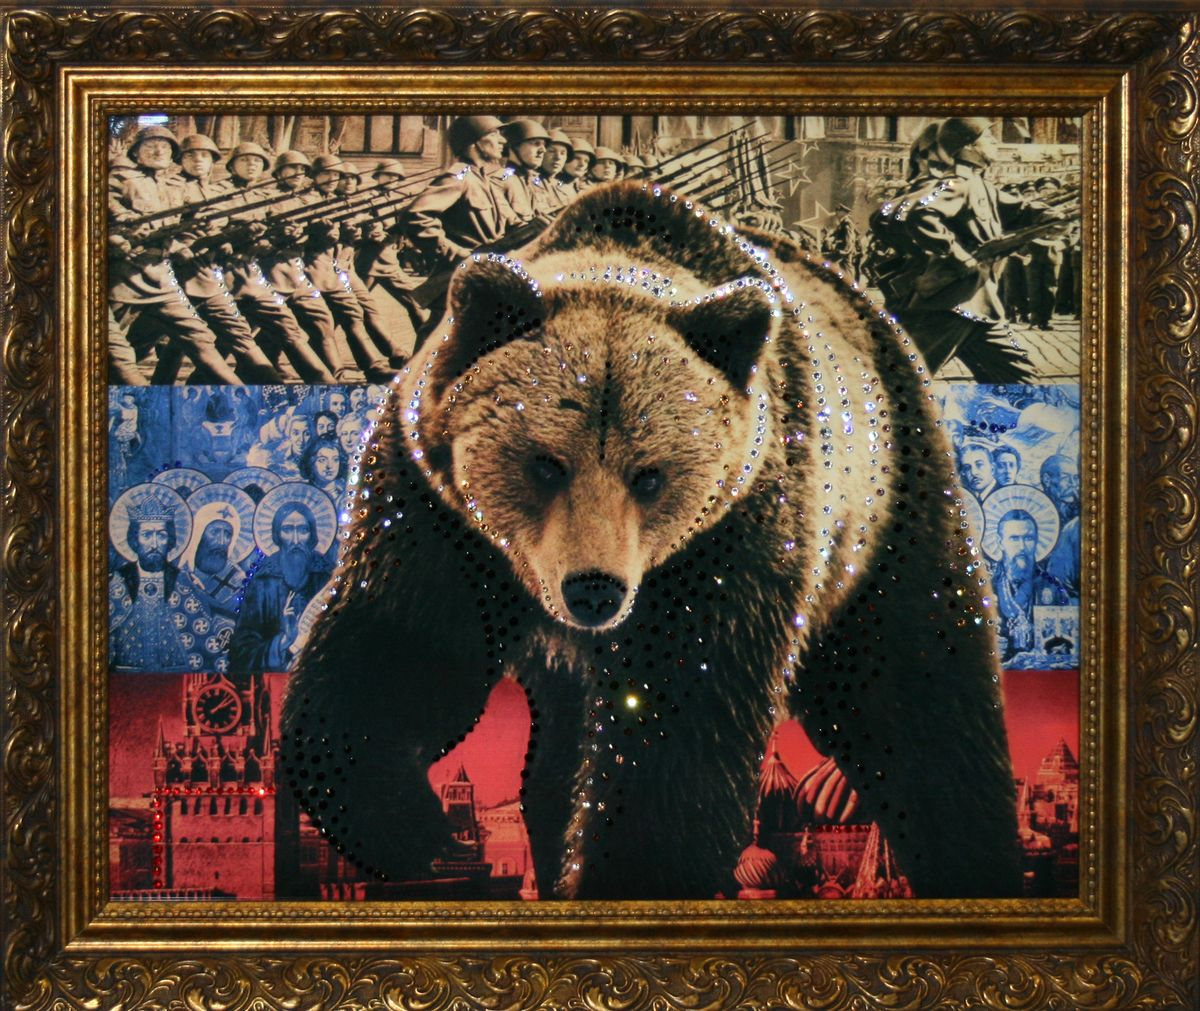 1210 Картина Сваровски Медведь-Символ России1210стекло, хрусталь, пластик. 80х60